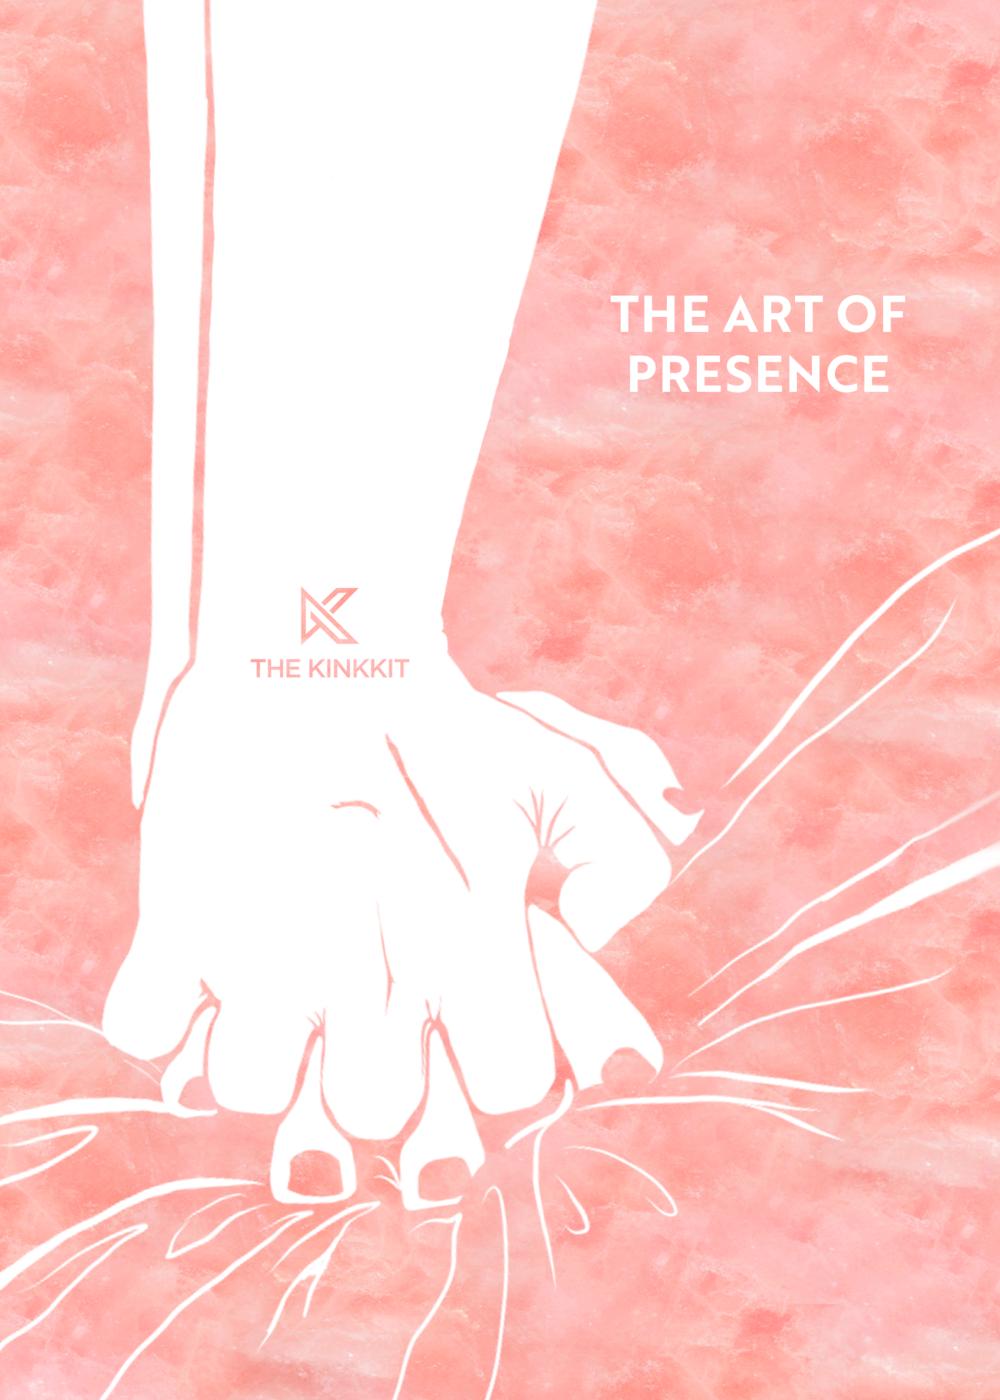 Theartofpresence.png